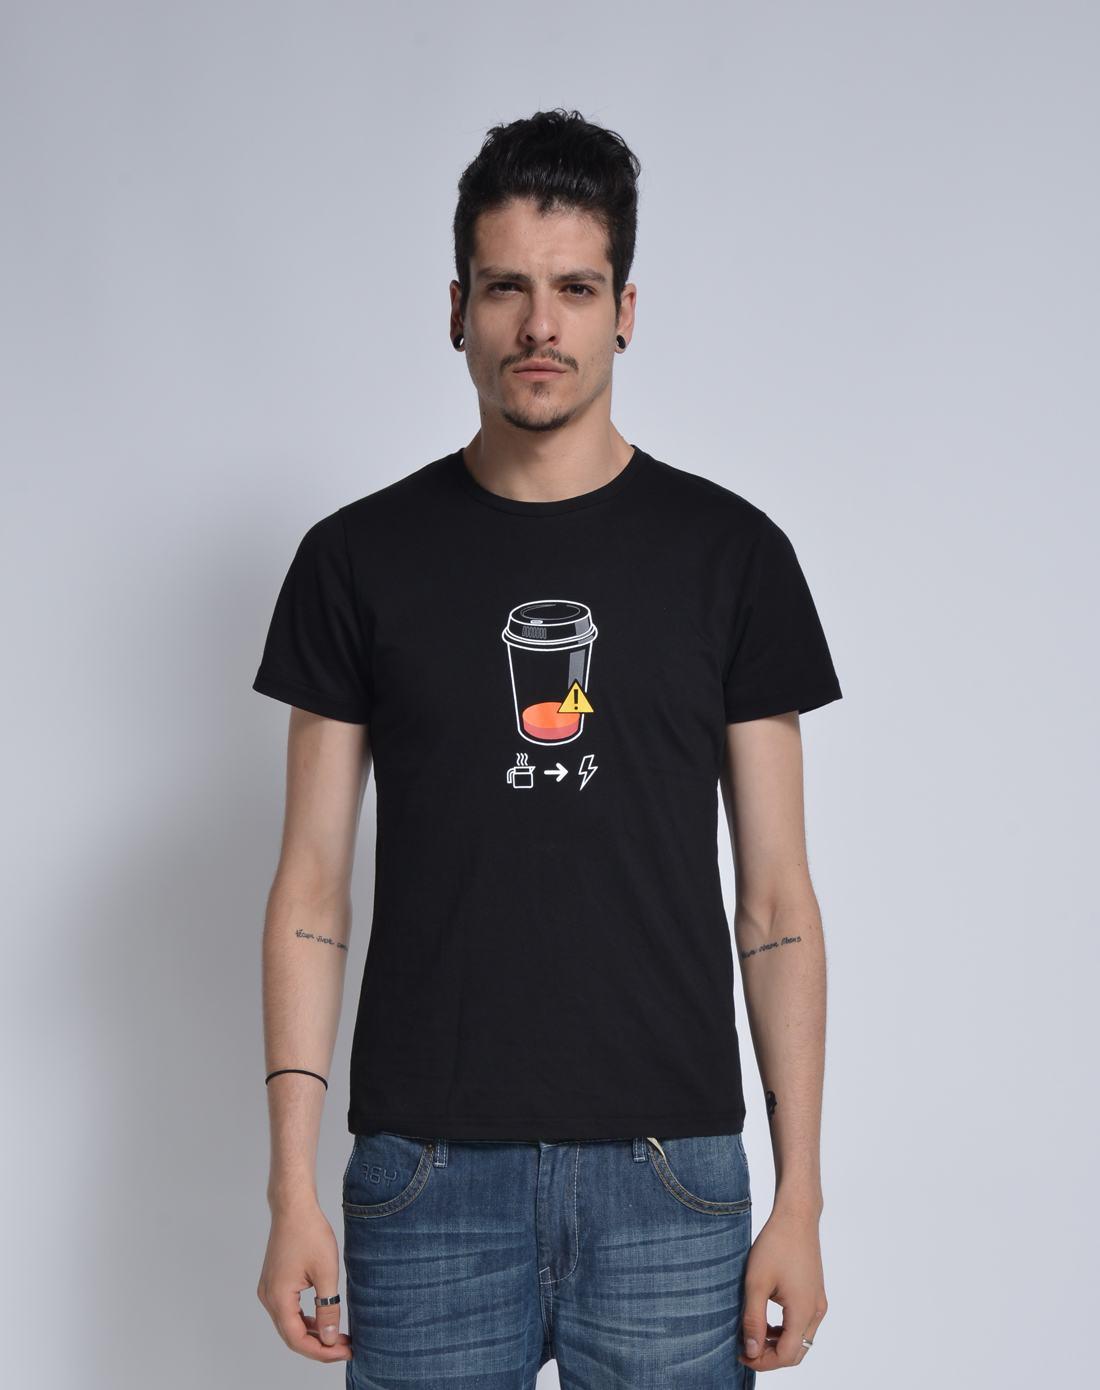 杯子印图黑色短袖t恤